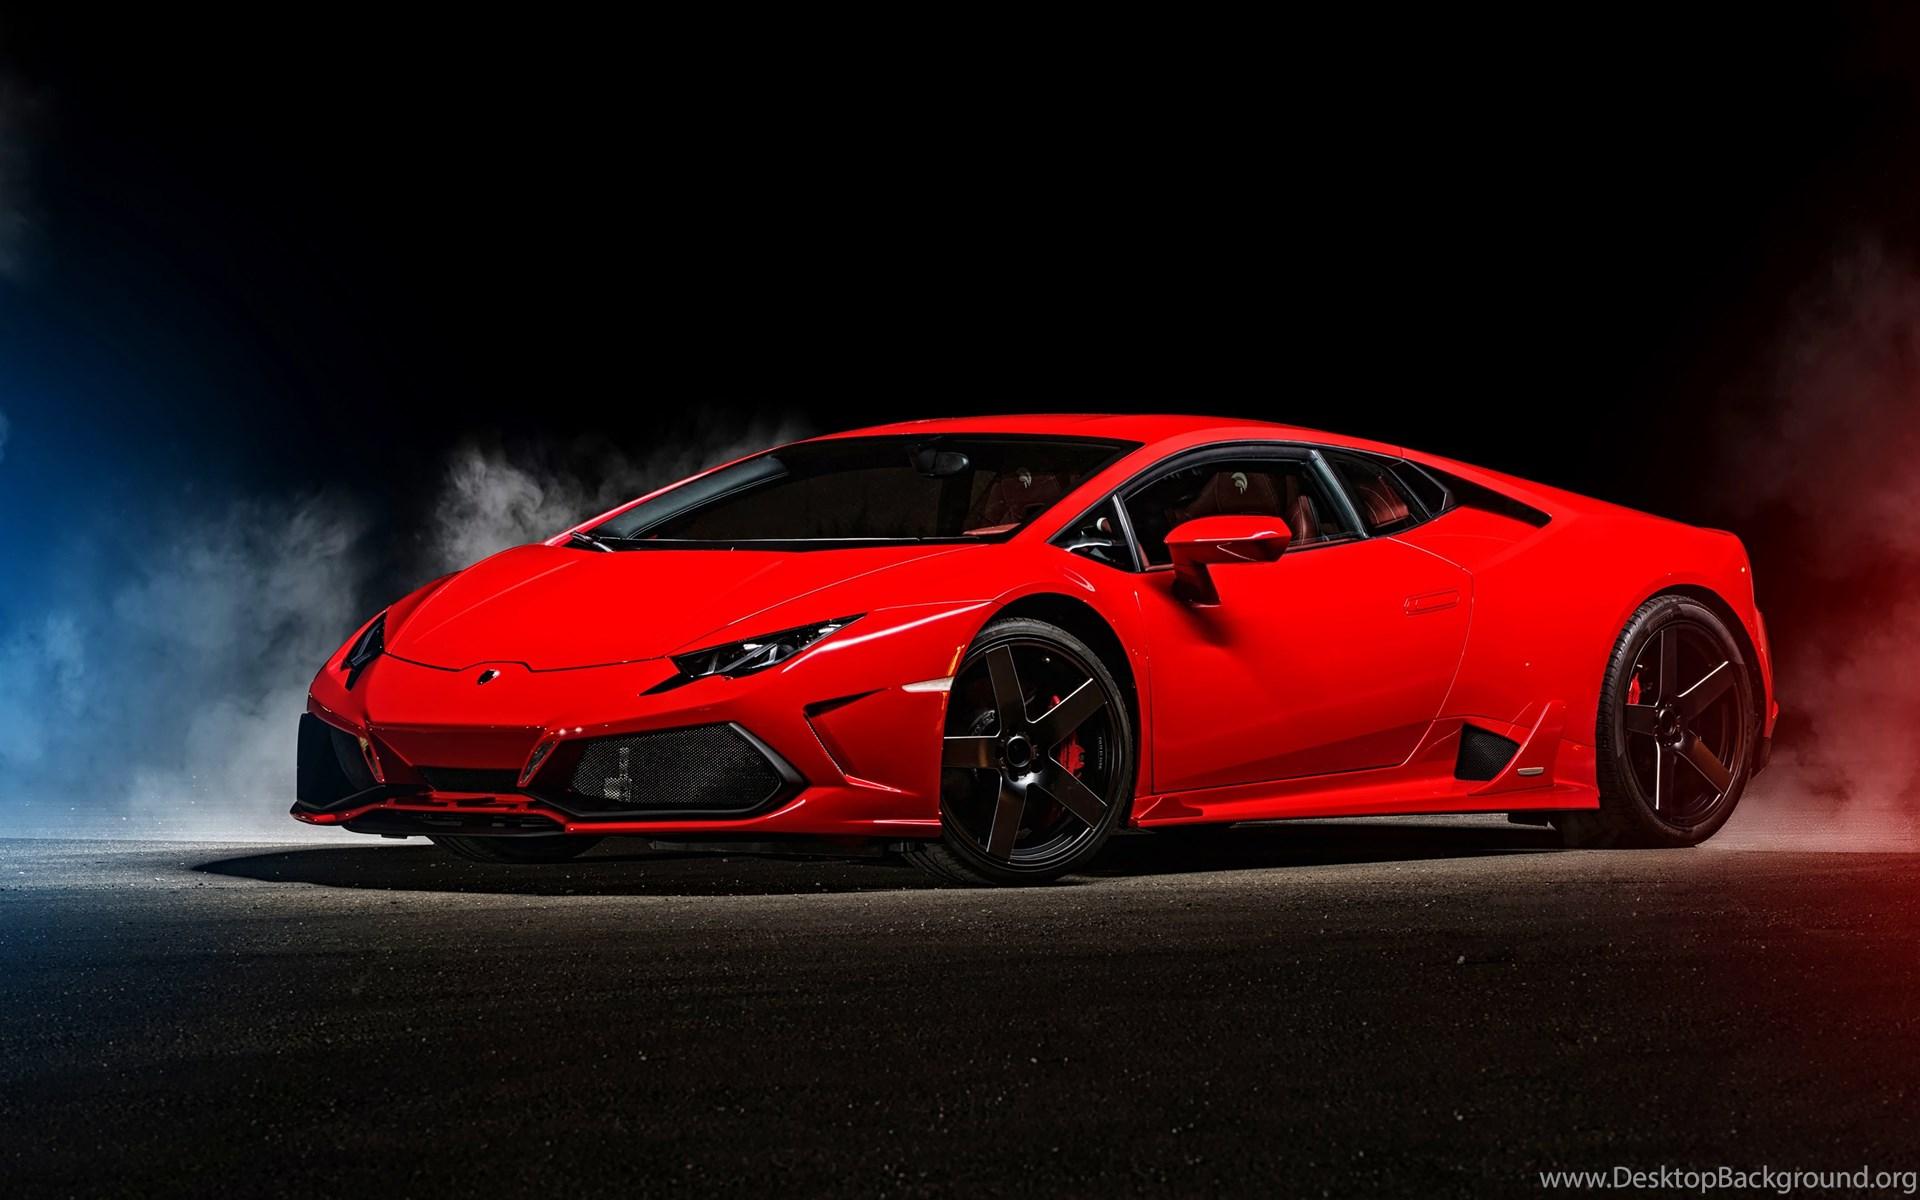 Lamborghini Red Hd Wallpapers Desktop Background